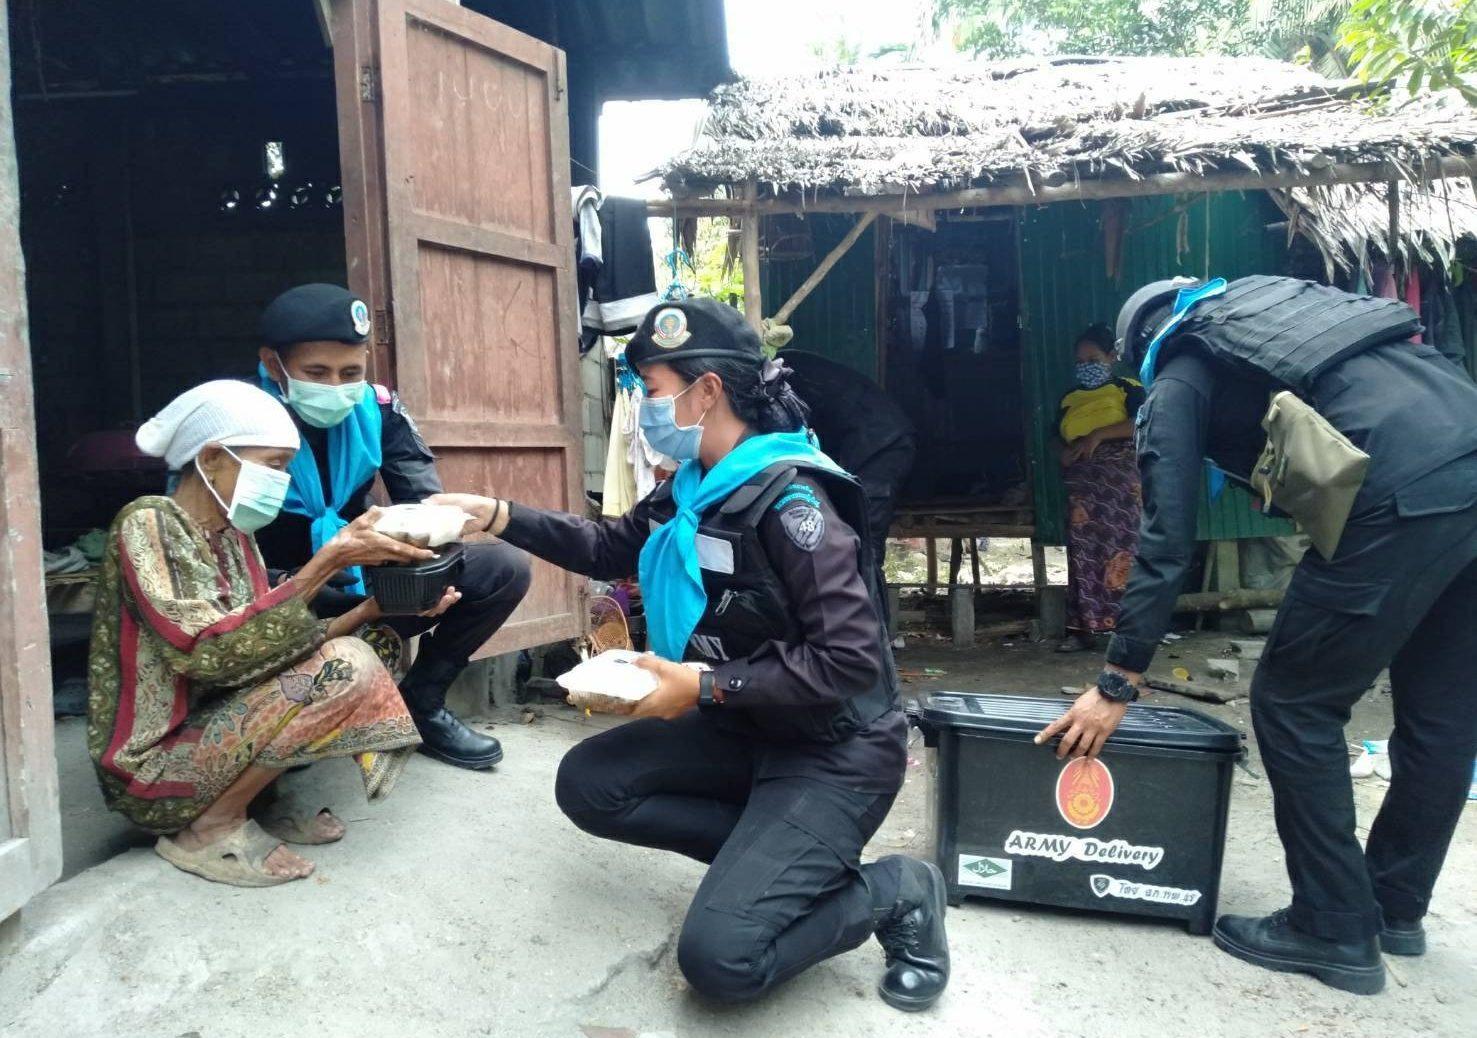 ฉก.ทพ.48 ส่งกำลังพลดิลิเวอรีข้าวกล่อง จัดชุดแพทย์เคลื่อนที่ บริการชาวเจาะไอร้องสู้ภัยโควิด